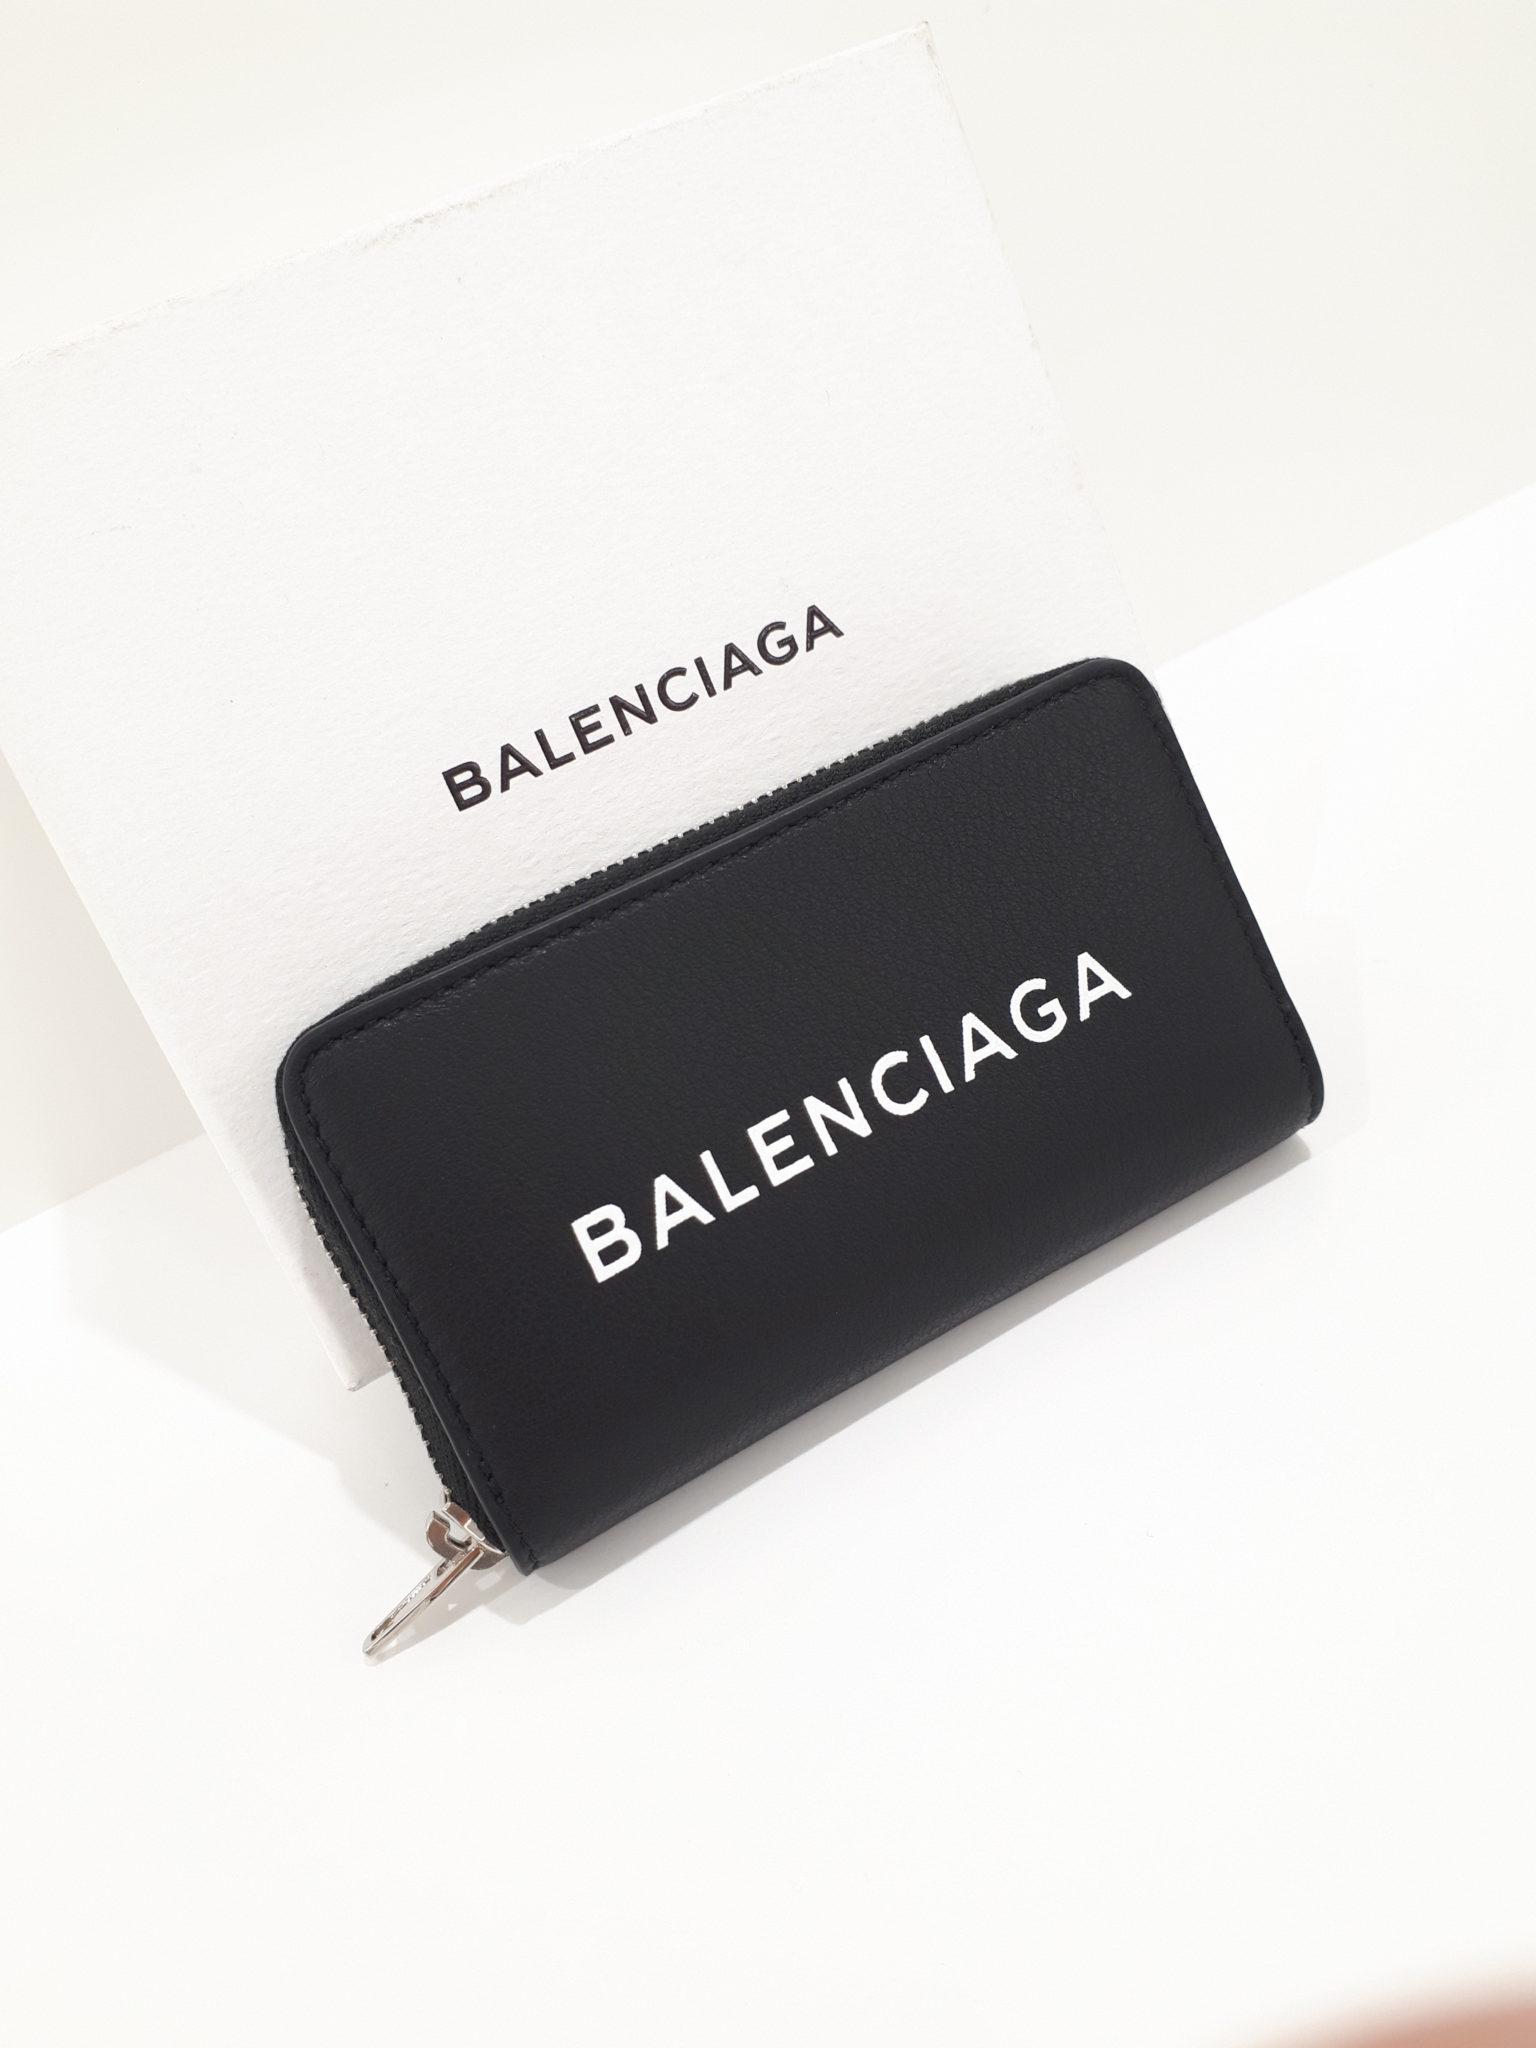 【BALENCIAGA バレンシアガ コインパース 516373】を盛岡市のお客様よりお買取させて頂きました!